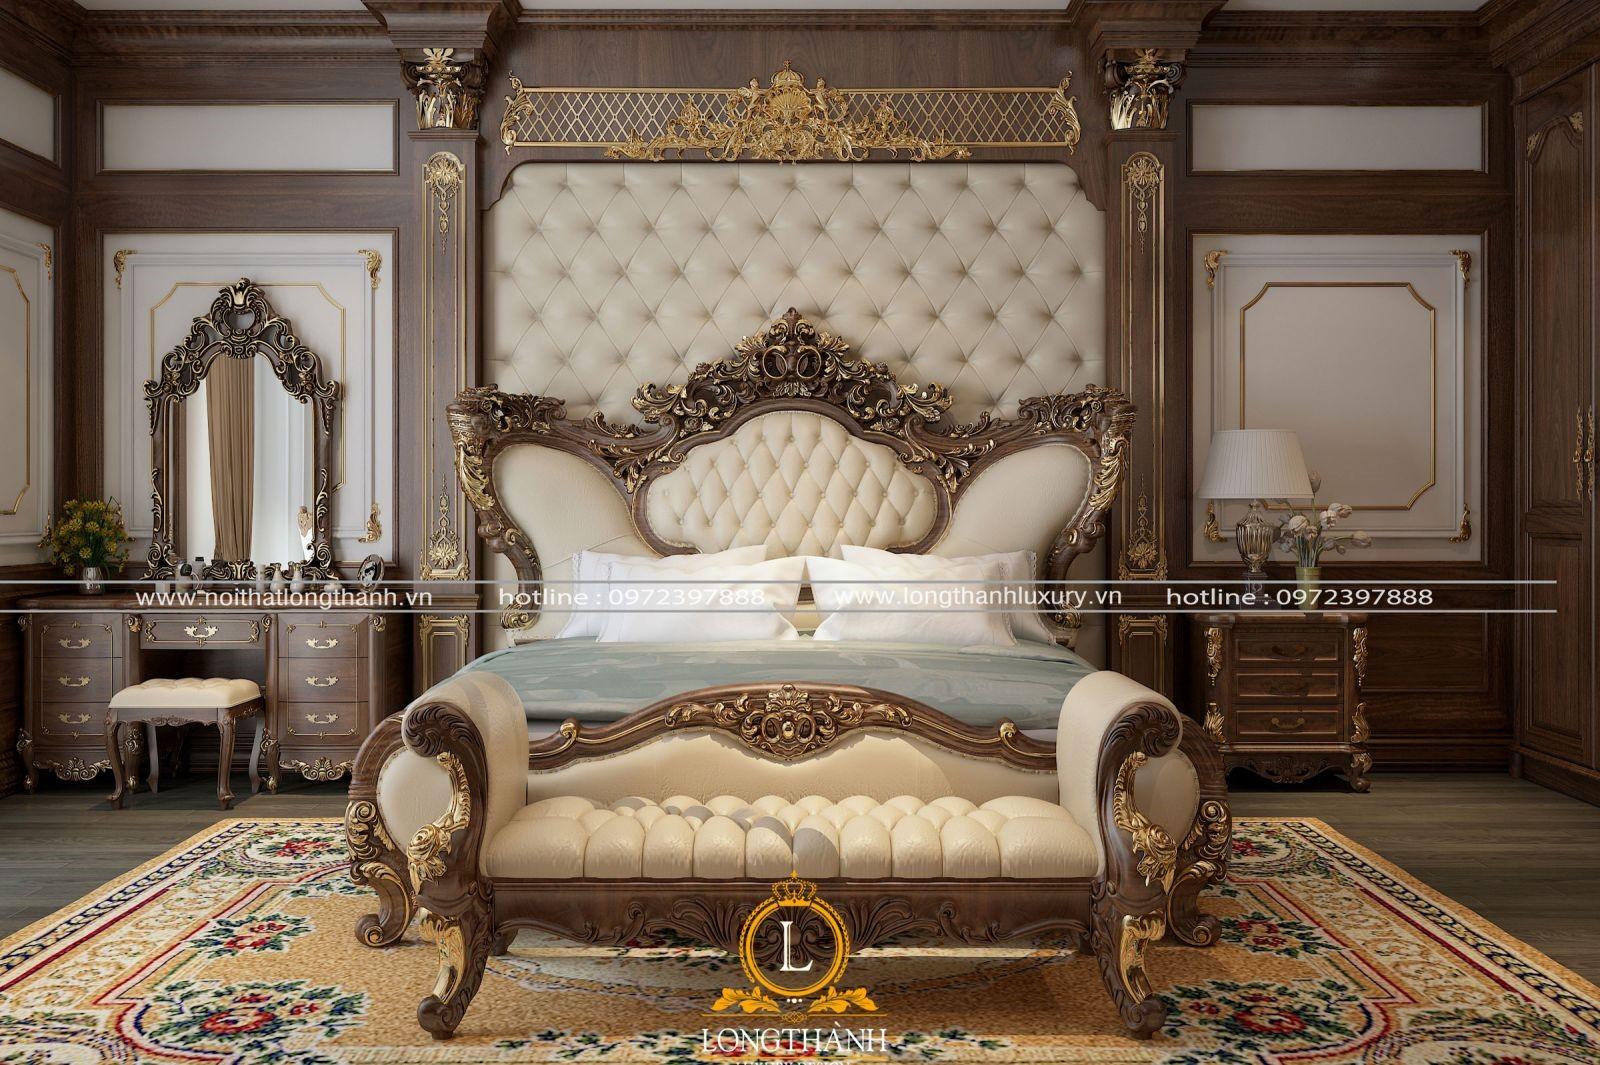 Bàn trang điểm tân cổ điển gỗ tự nhiên cho phòng ngủ master rộng mạ vàng